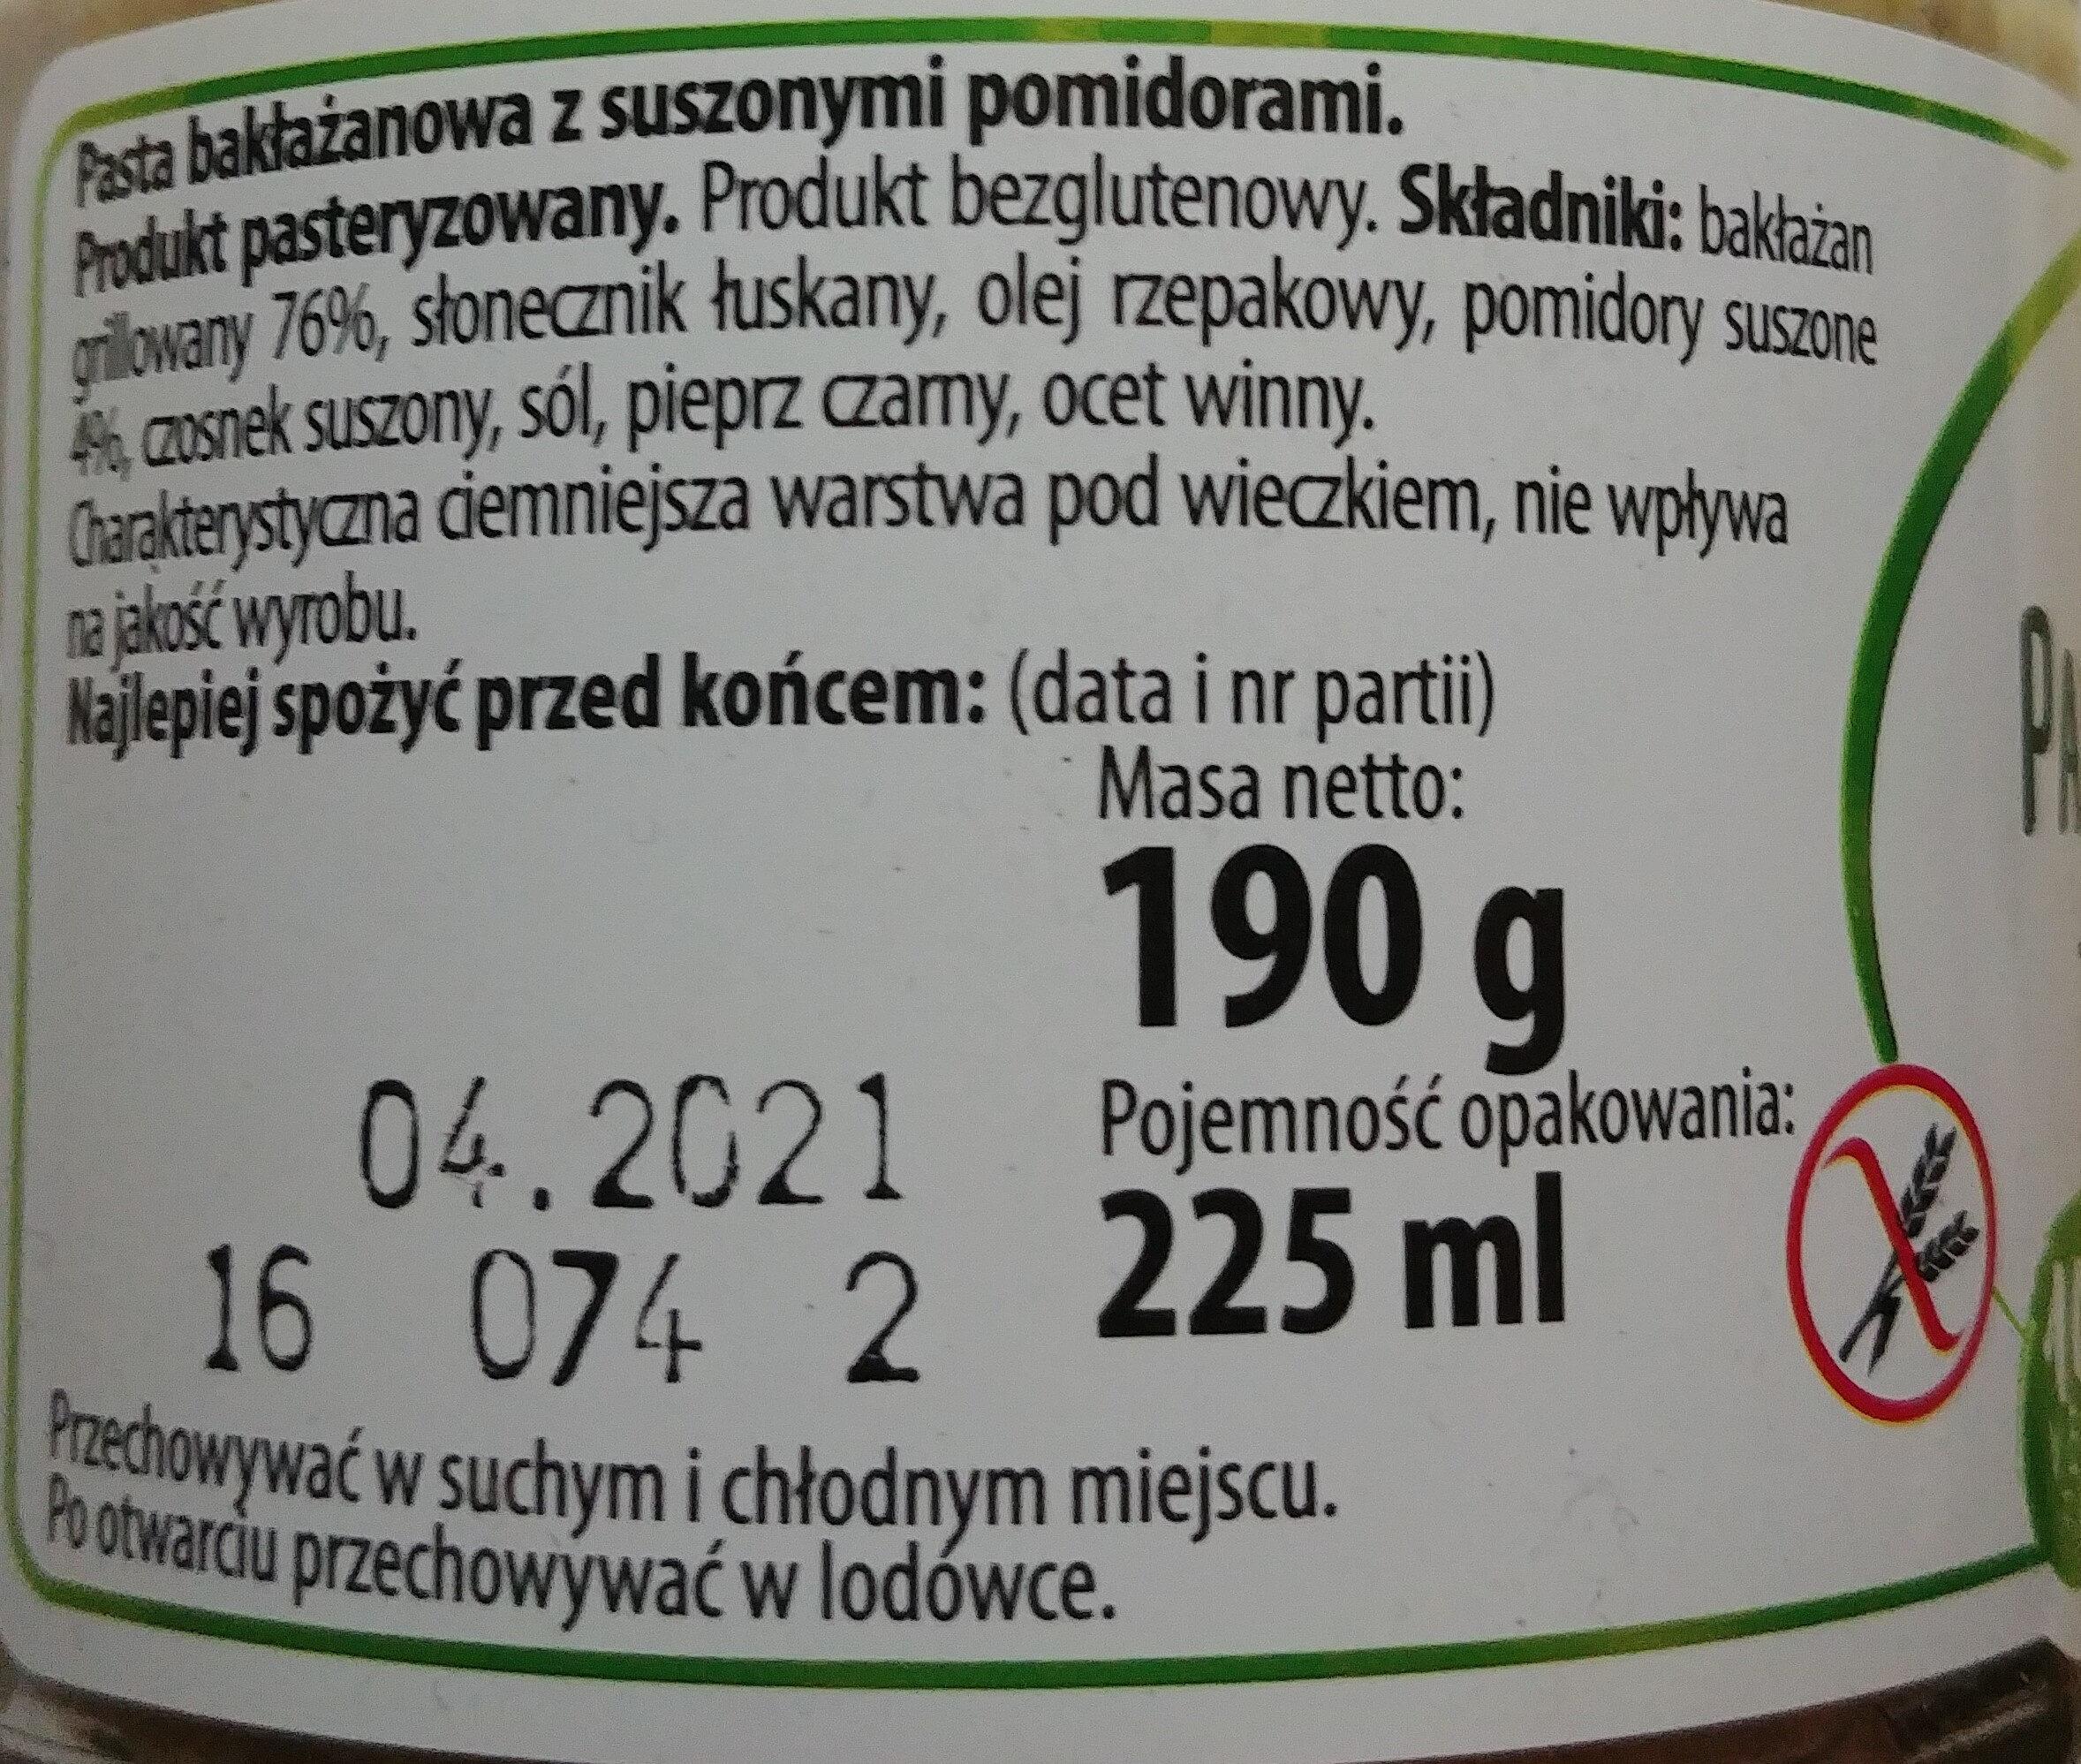 Pasta bakłażanowa z suszonymi pomidorami - Ingredients - pl